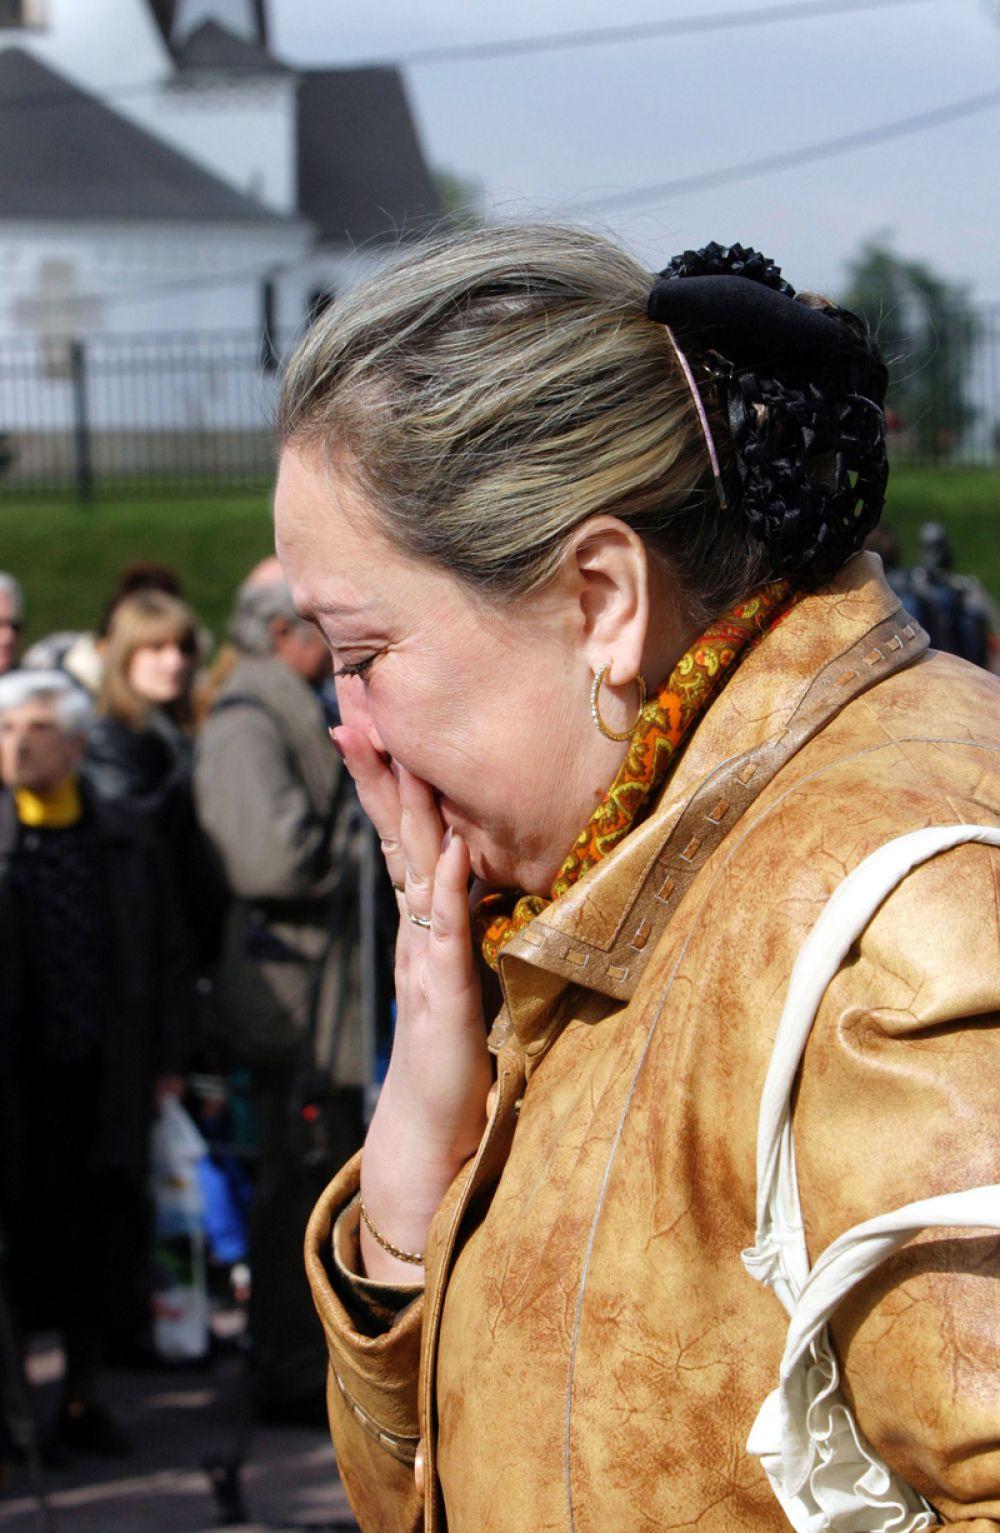 На церемонии, посвященной памяти жертв теракта, произошедшего на улице Гурьянова, 9 сентября 2004 года.